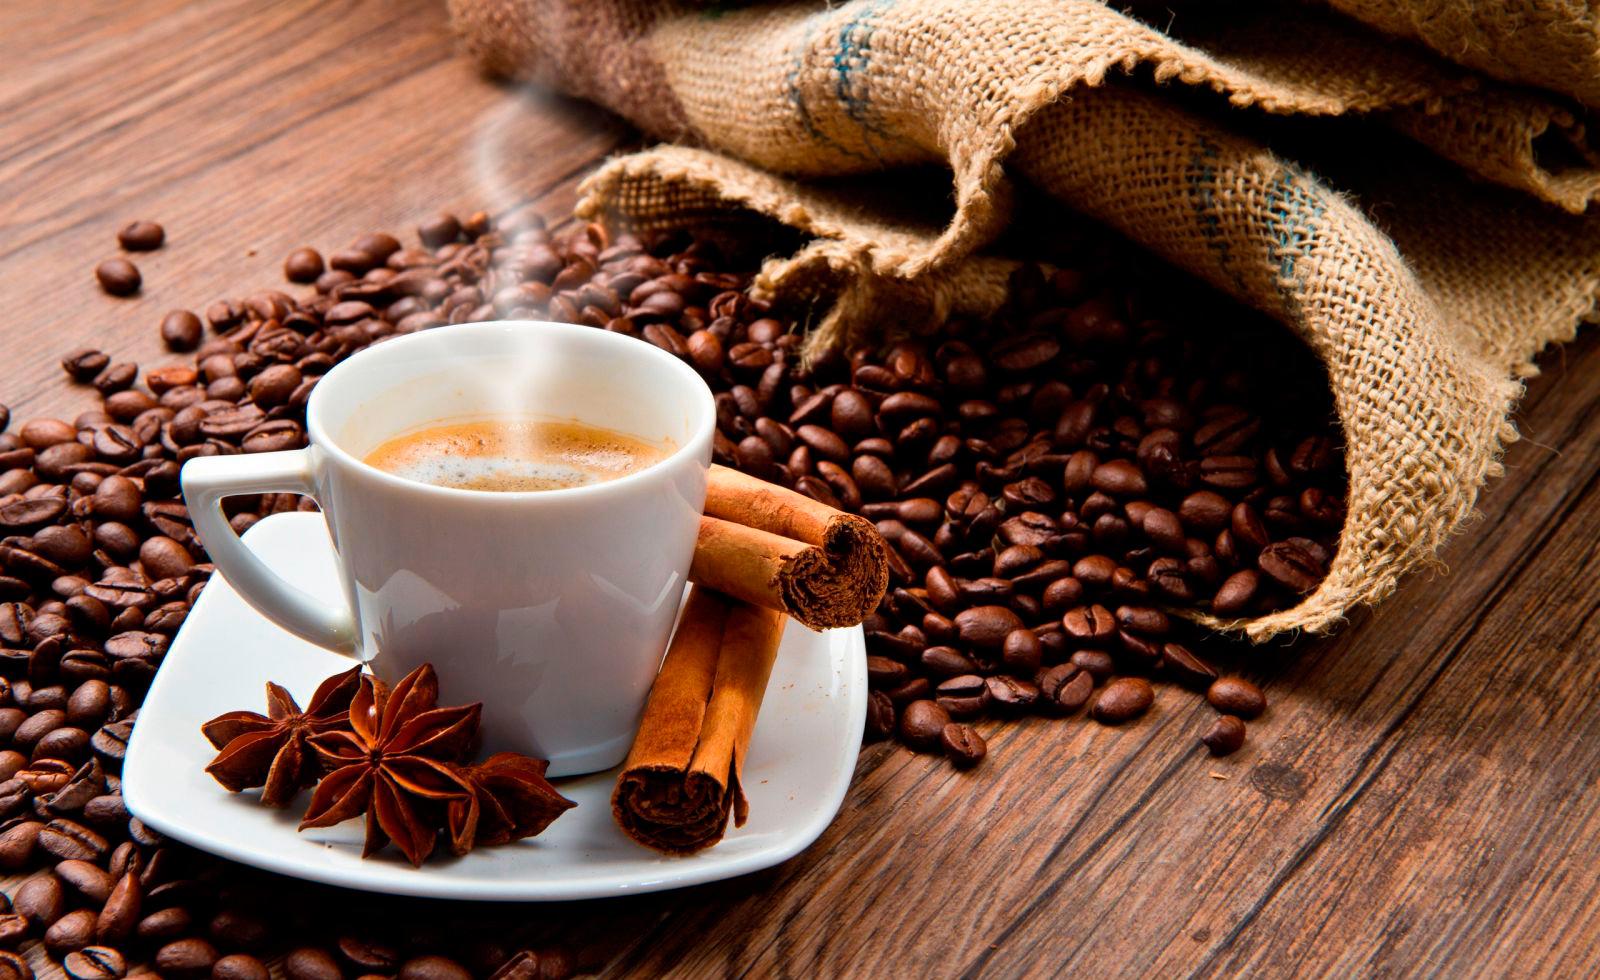 фото зернового кофе